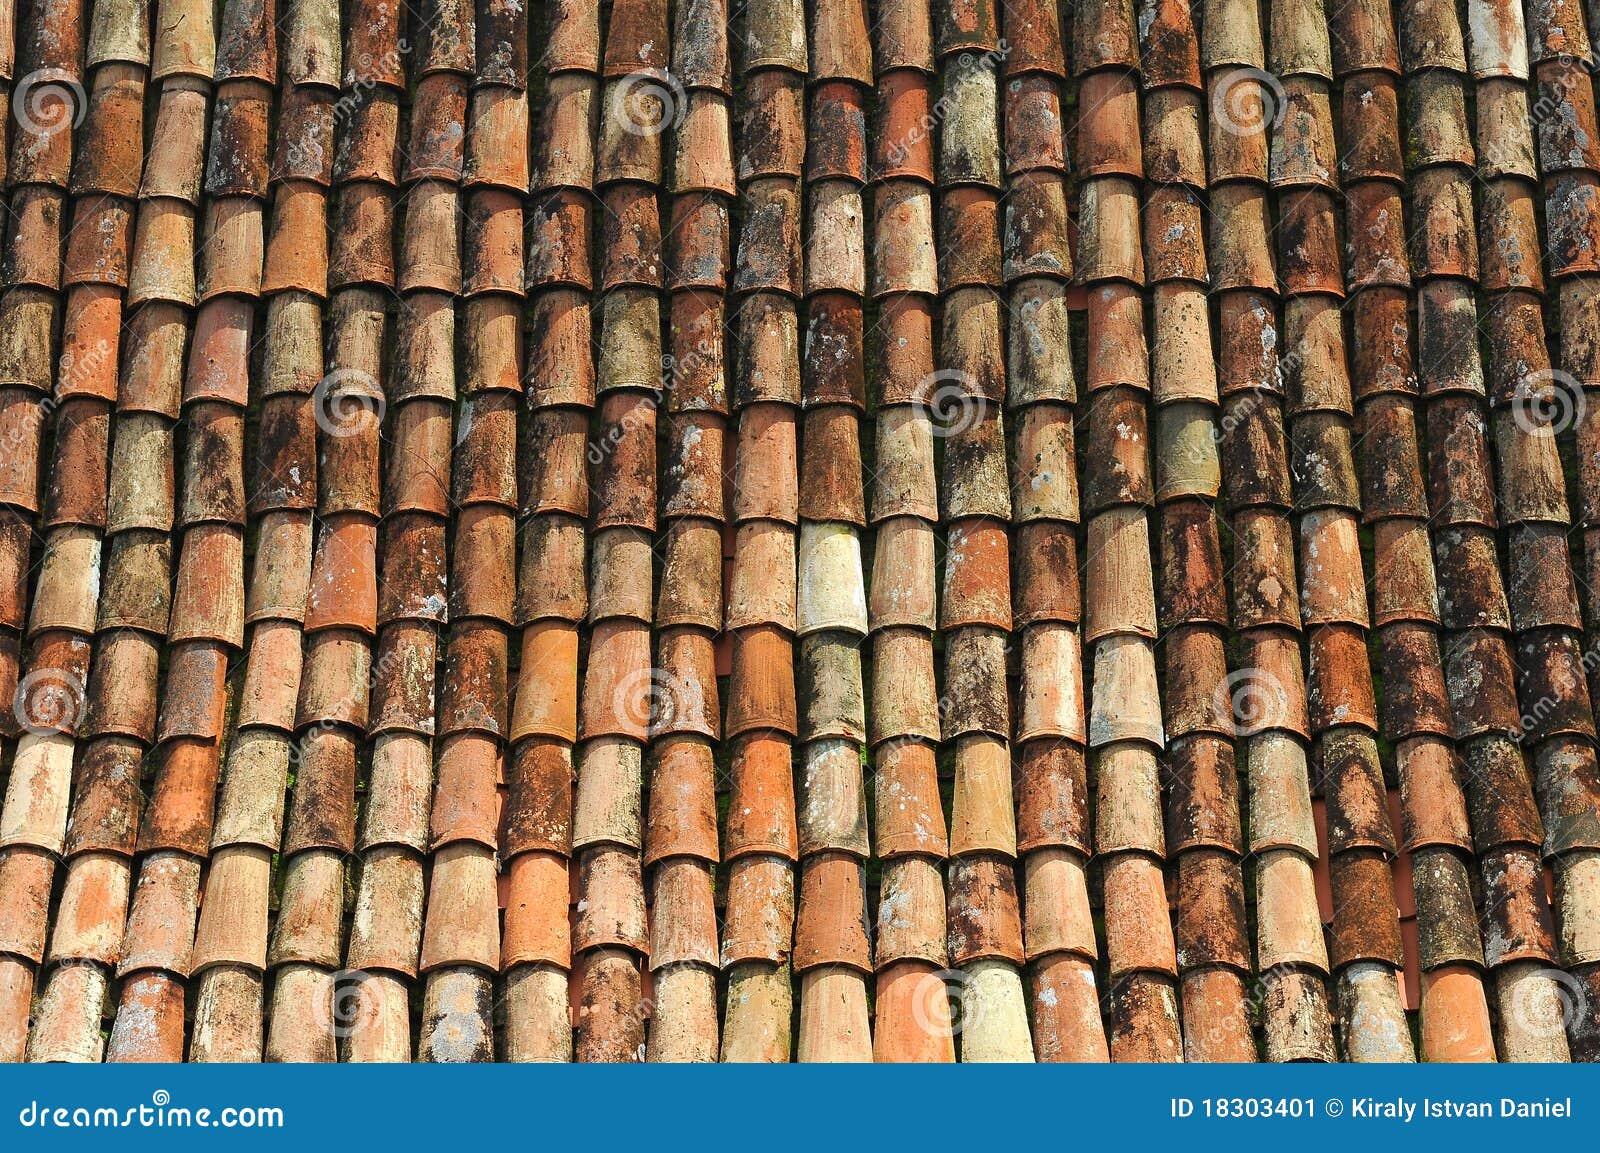 vieux toit de tuile image stock image 18303401. Black Bedroom Furniture Sets. Home Design Ideas